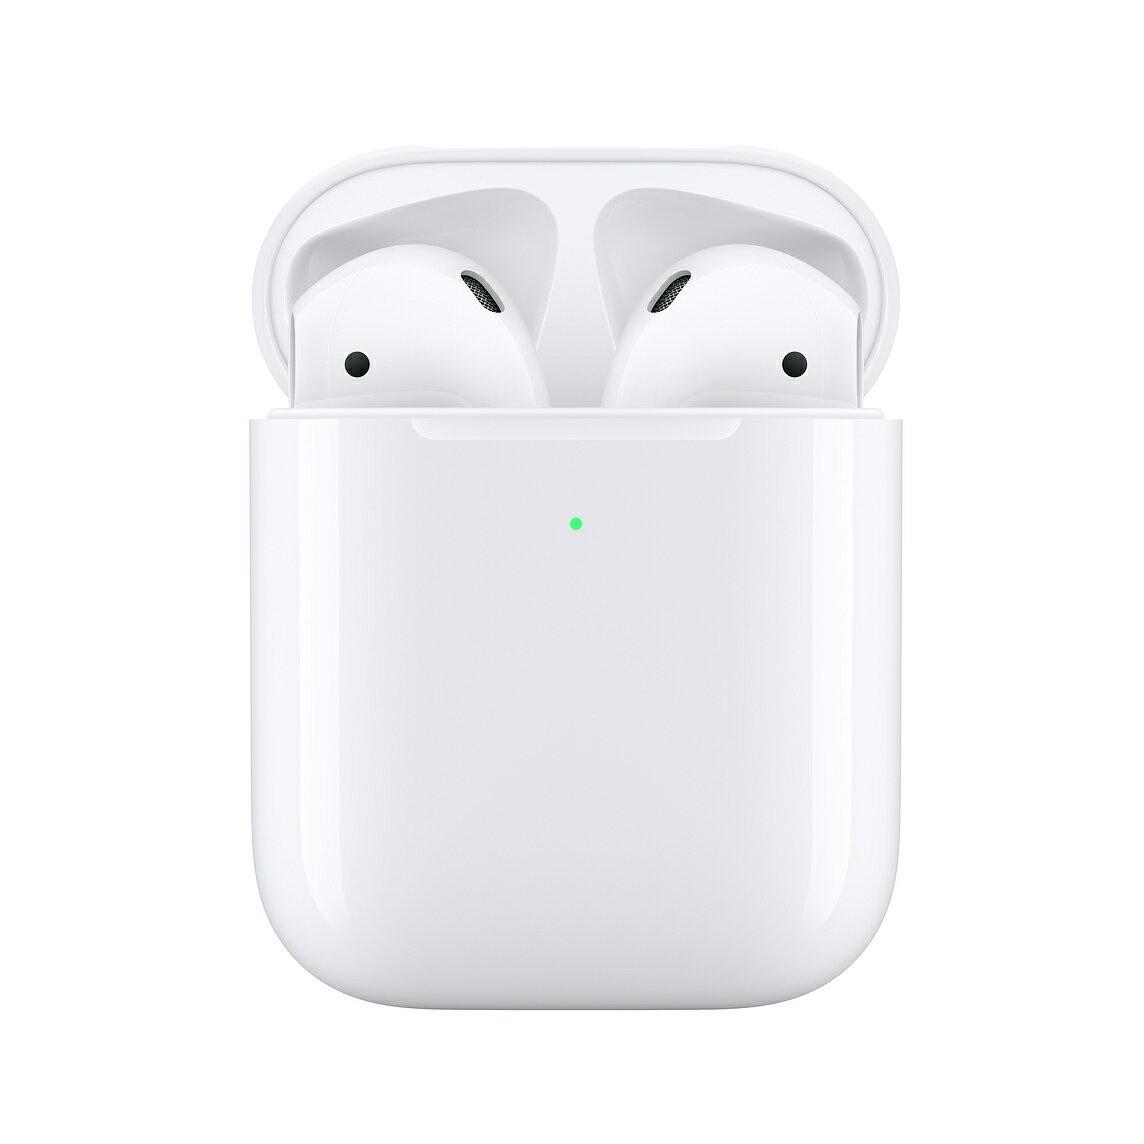 【台灣公司貨】蘋果 Apple AirPods 二代 無線藍牙耳機 無線 藍牙 耳機 Siri 音樂自動播放 (搭配有線充電盒)